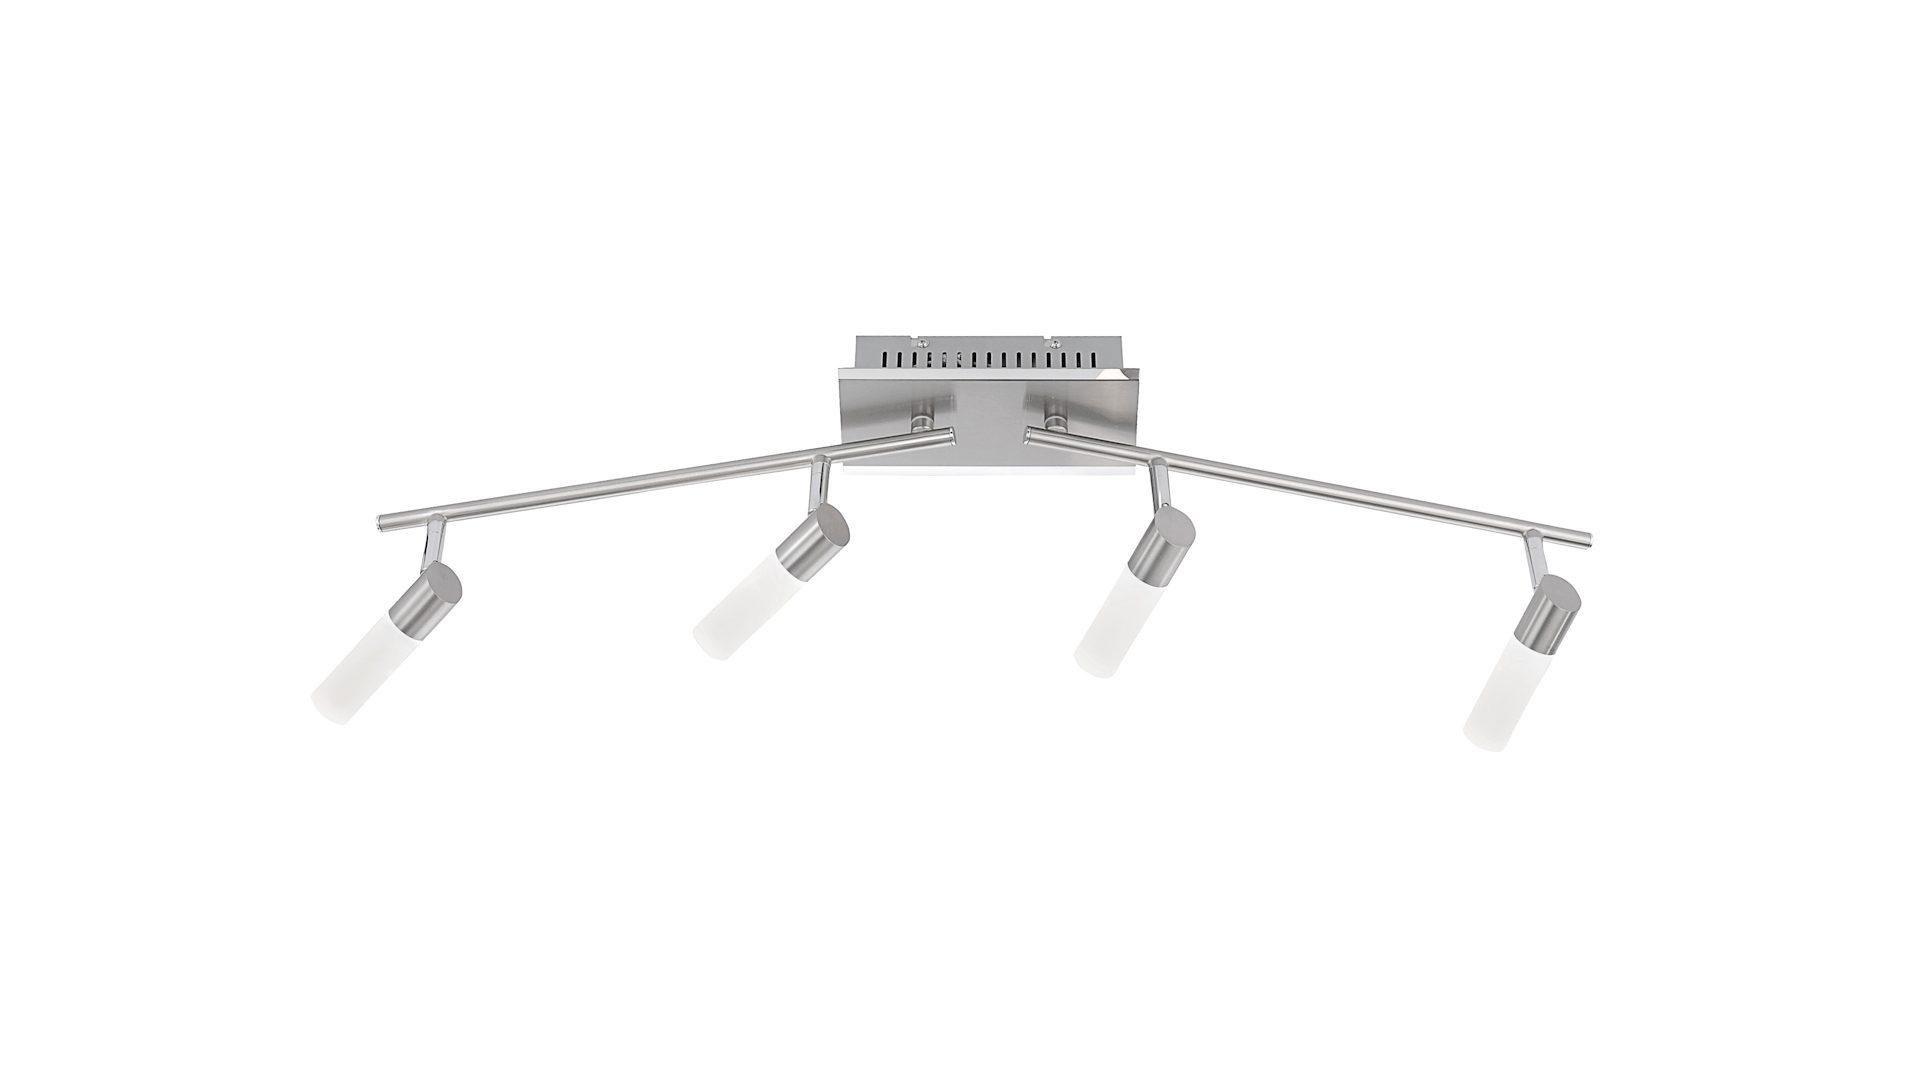 Möbel Hermes , Räume, Küche, Lampen + Leuchten, LED, LED ...